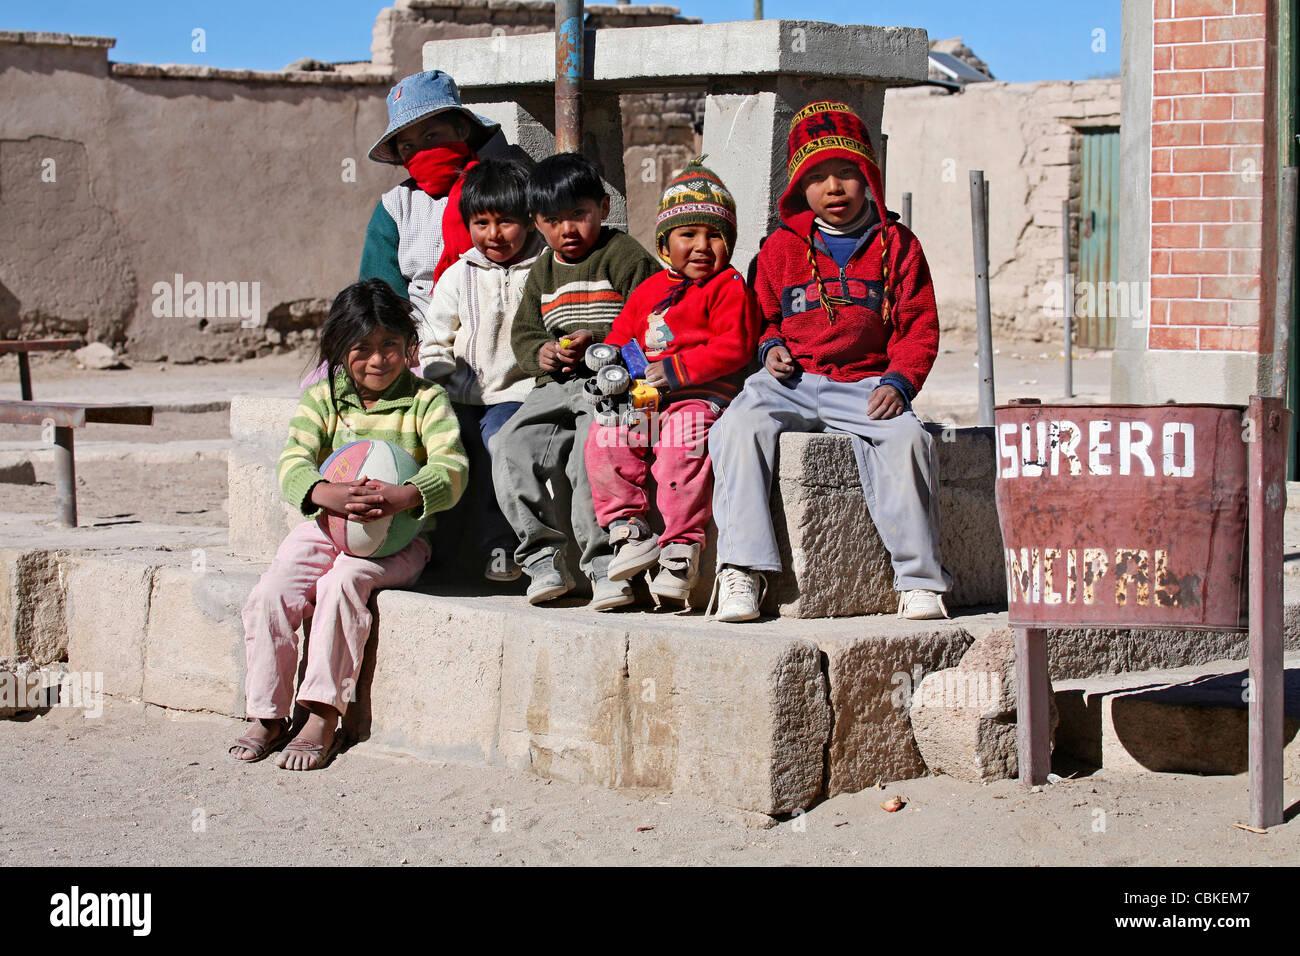 Los niños indígenas nativos posando en San Juan, Bolivia Imagen De Stock